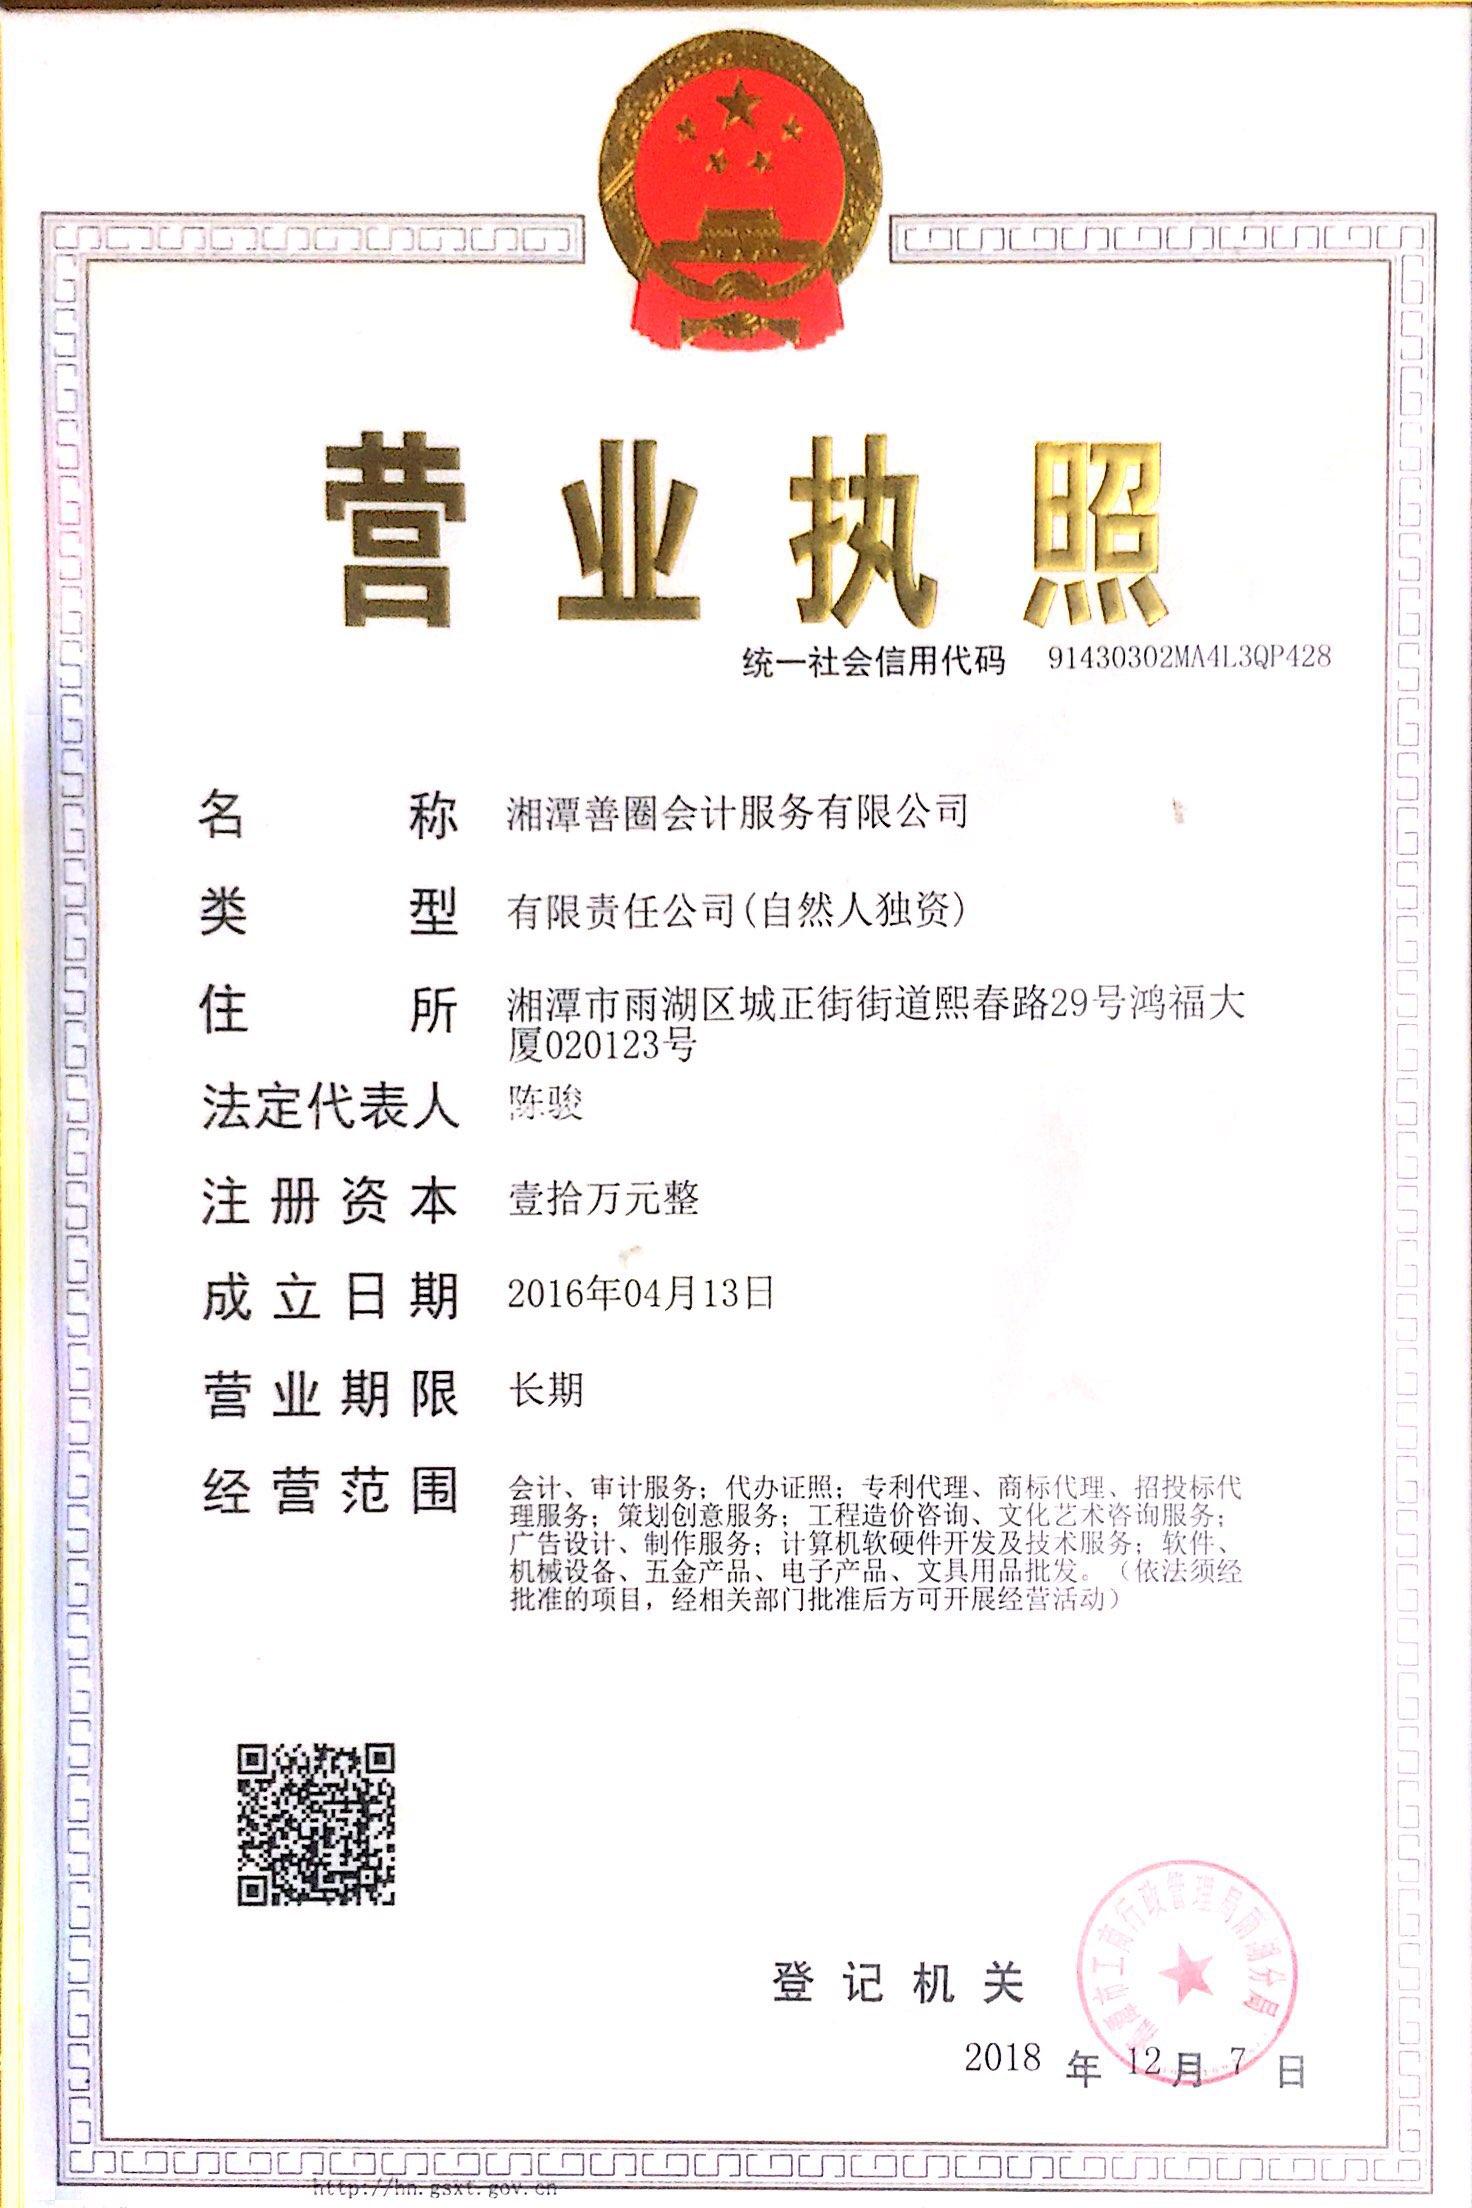 湘潭善圈会计服务有限公司